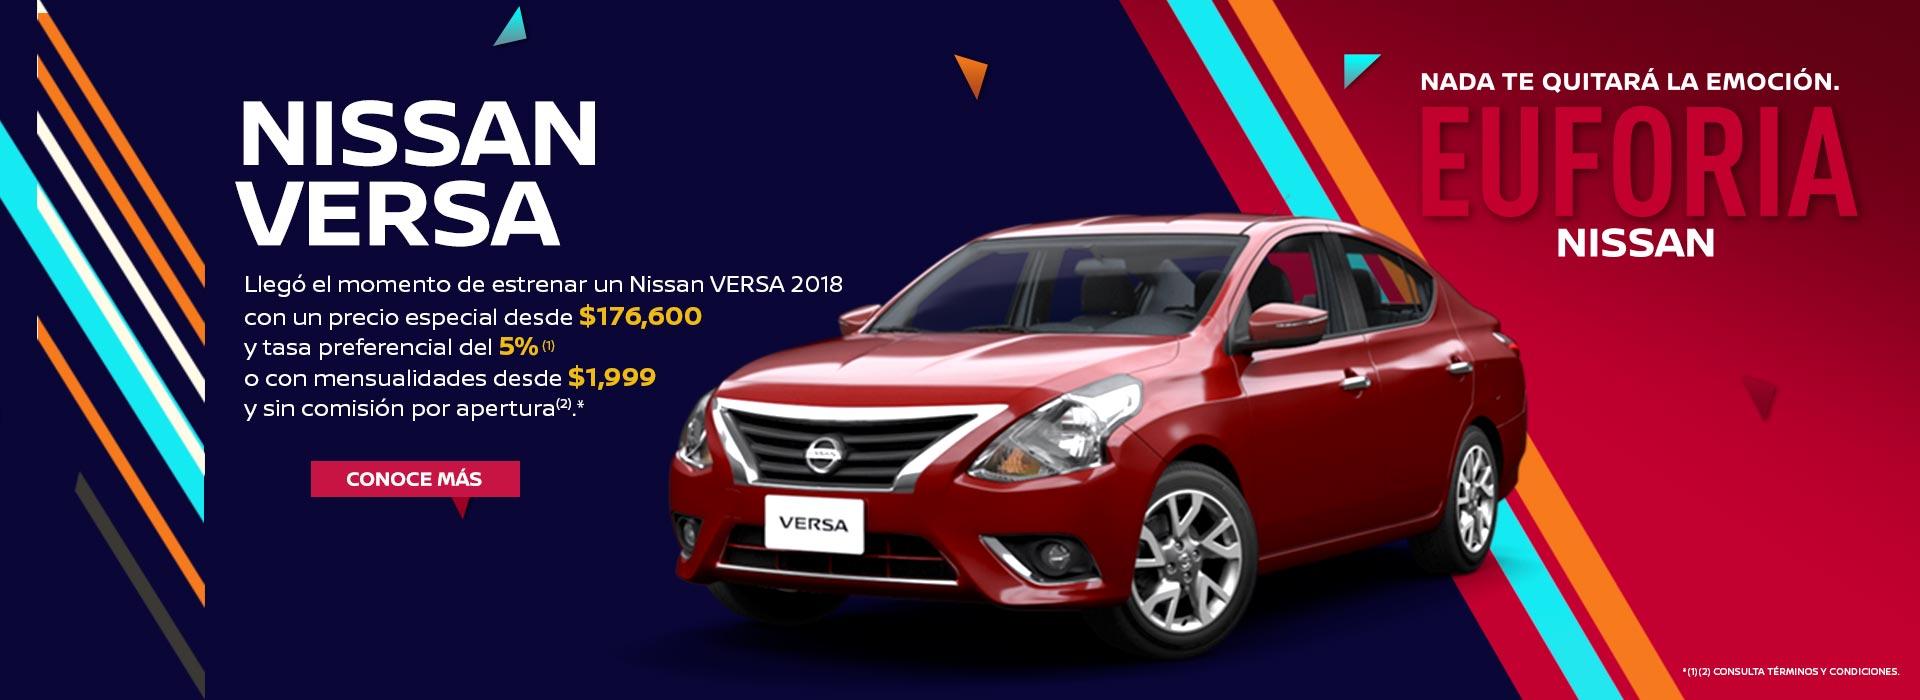 Nissan Tollocan Agencia De Autos Metepec Estado De M Xico